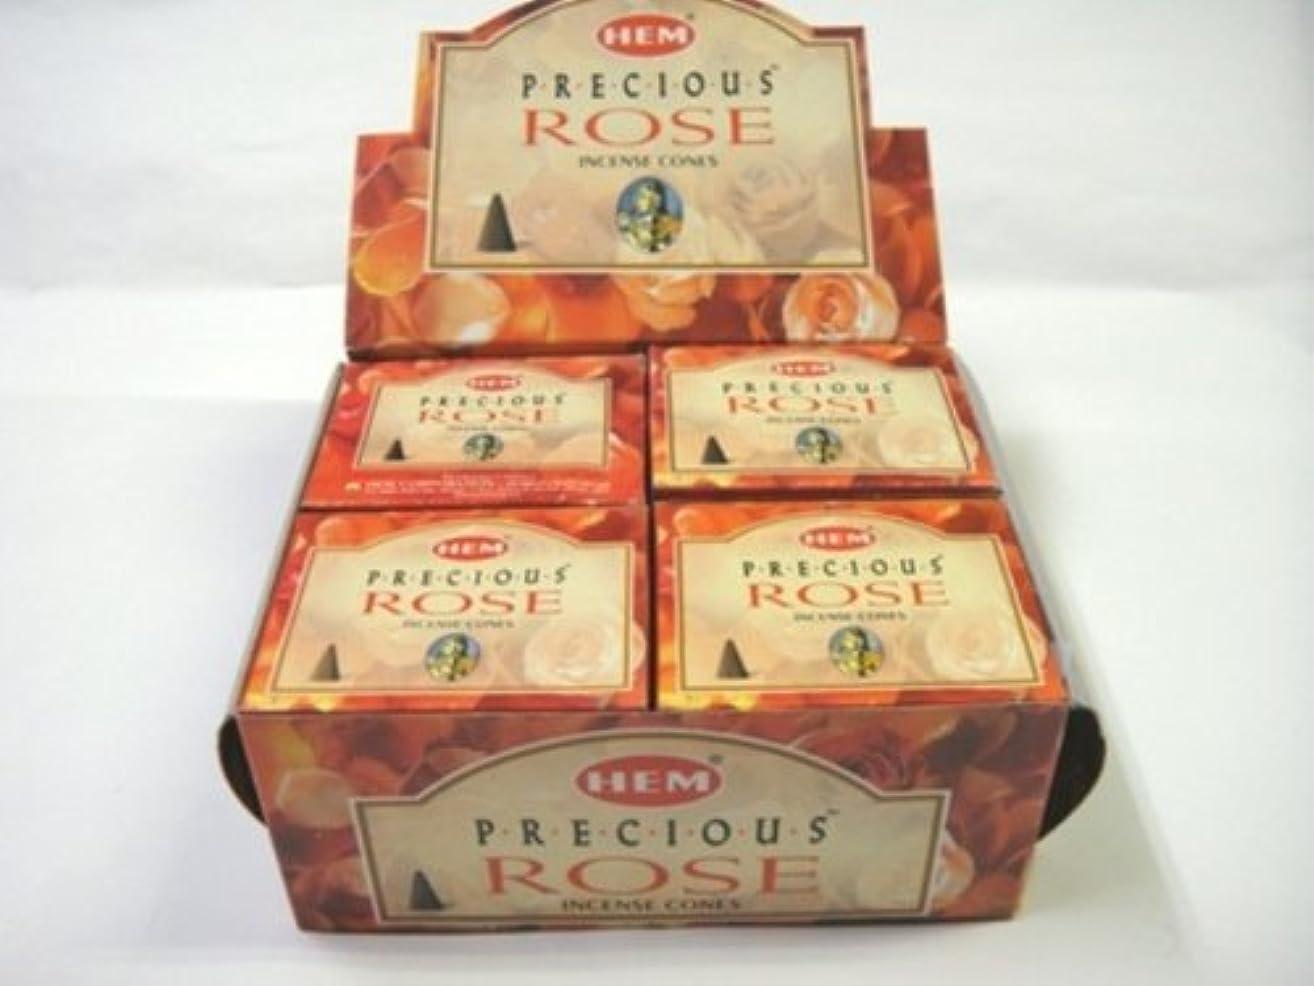 いっぱい月曜日理由HEM お香 プレシャスローズ コーンタイプ 1ケース(12箱入り) お香薔薇